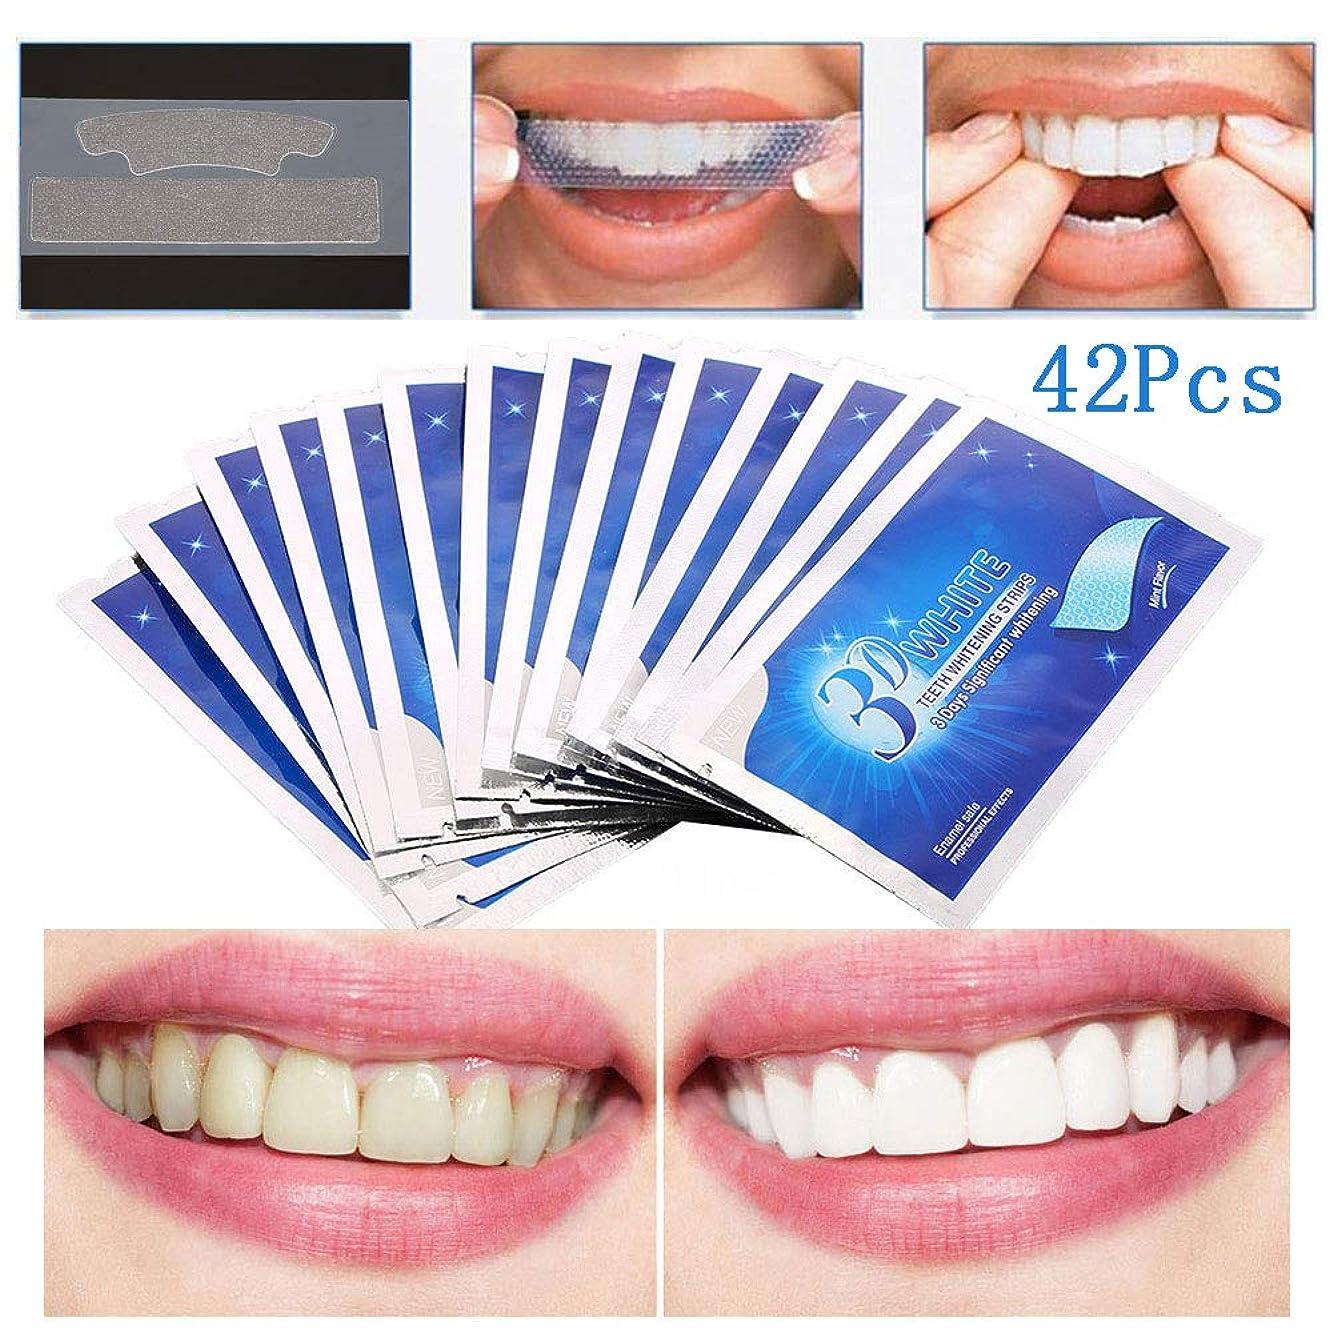 中ウィザード食欲ストリップを白くする歯、歯科心配用キット、ゲルの漂白システムクリーニングの歯を白くする伸縮性がある高度な歯14 x 3 PC